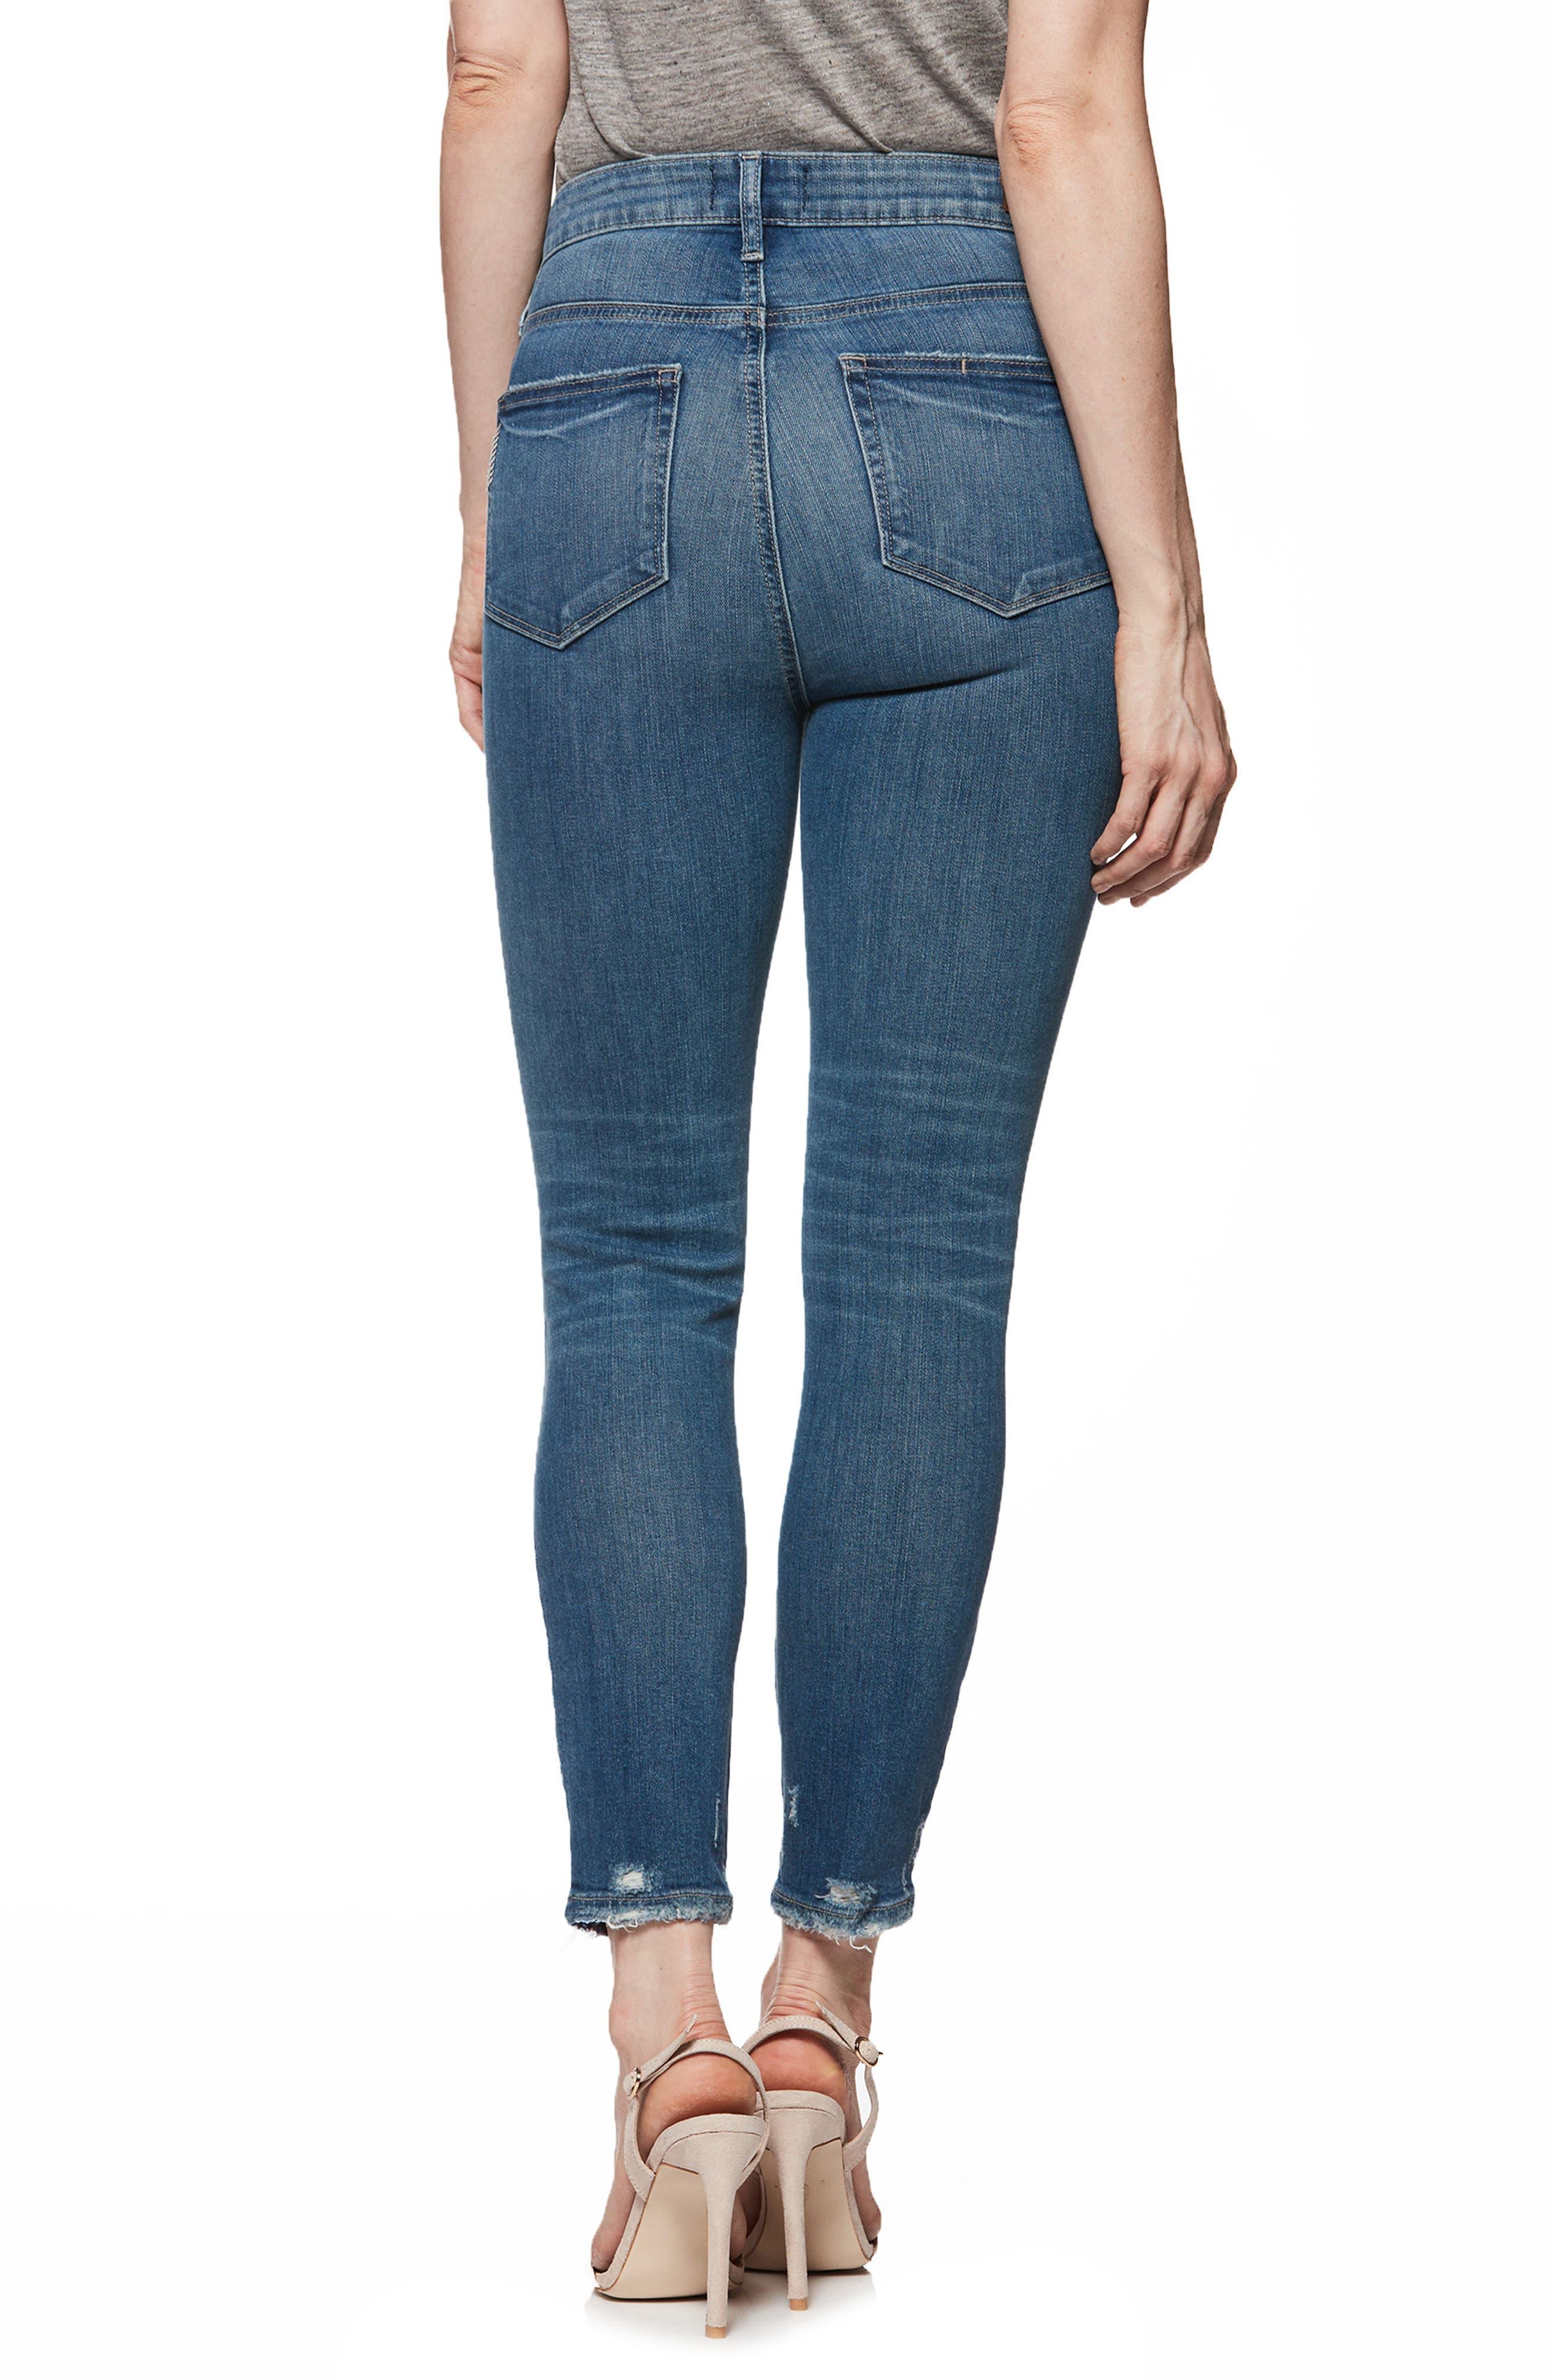 Transcend Vintage - Margot High Waist Crop Skinny Jeans,                             Alternate thumbnail 2, color,                             Ashby Destructed